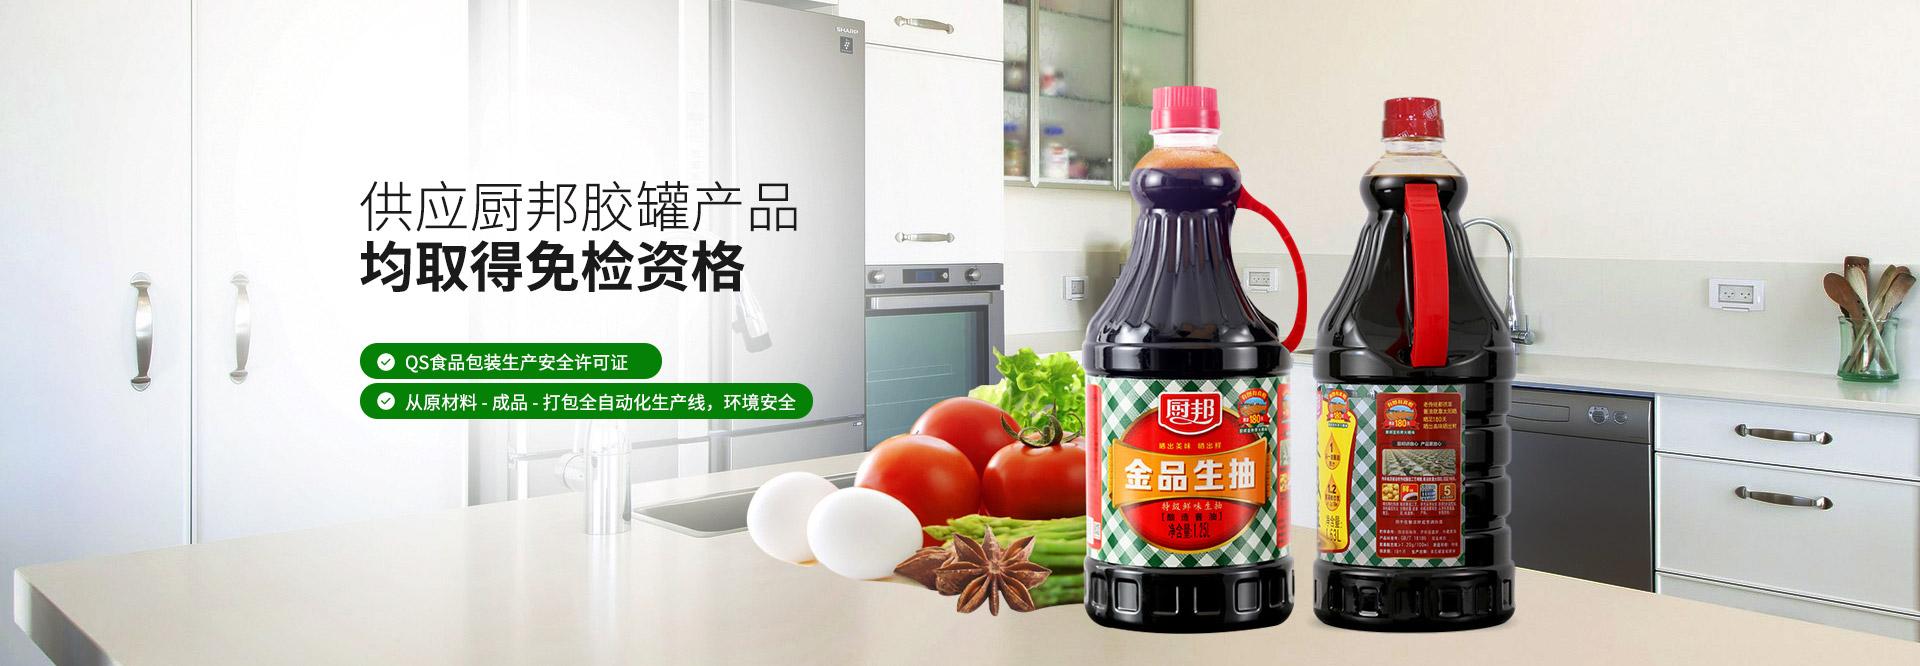 恒茂包装-供应厨邦胶罐产品均取得免检资格